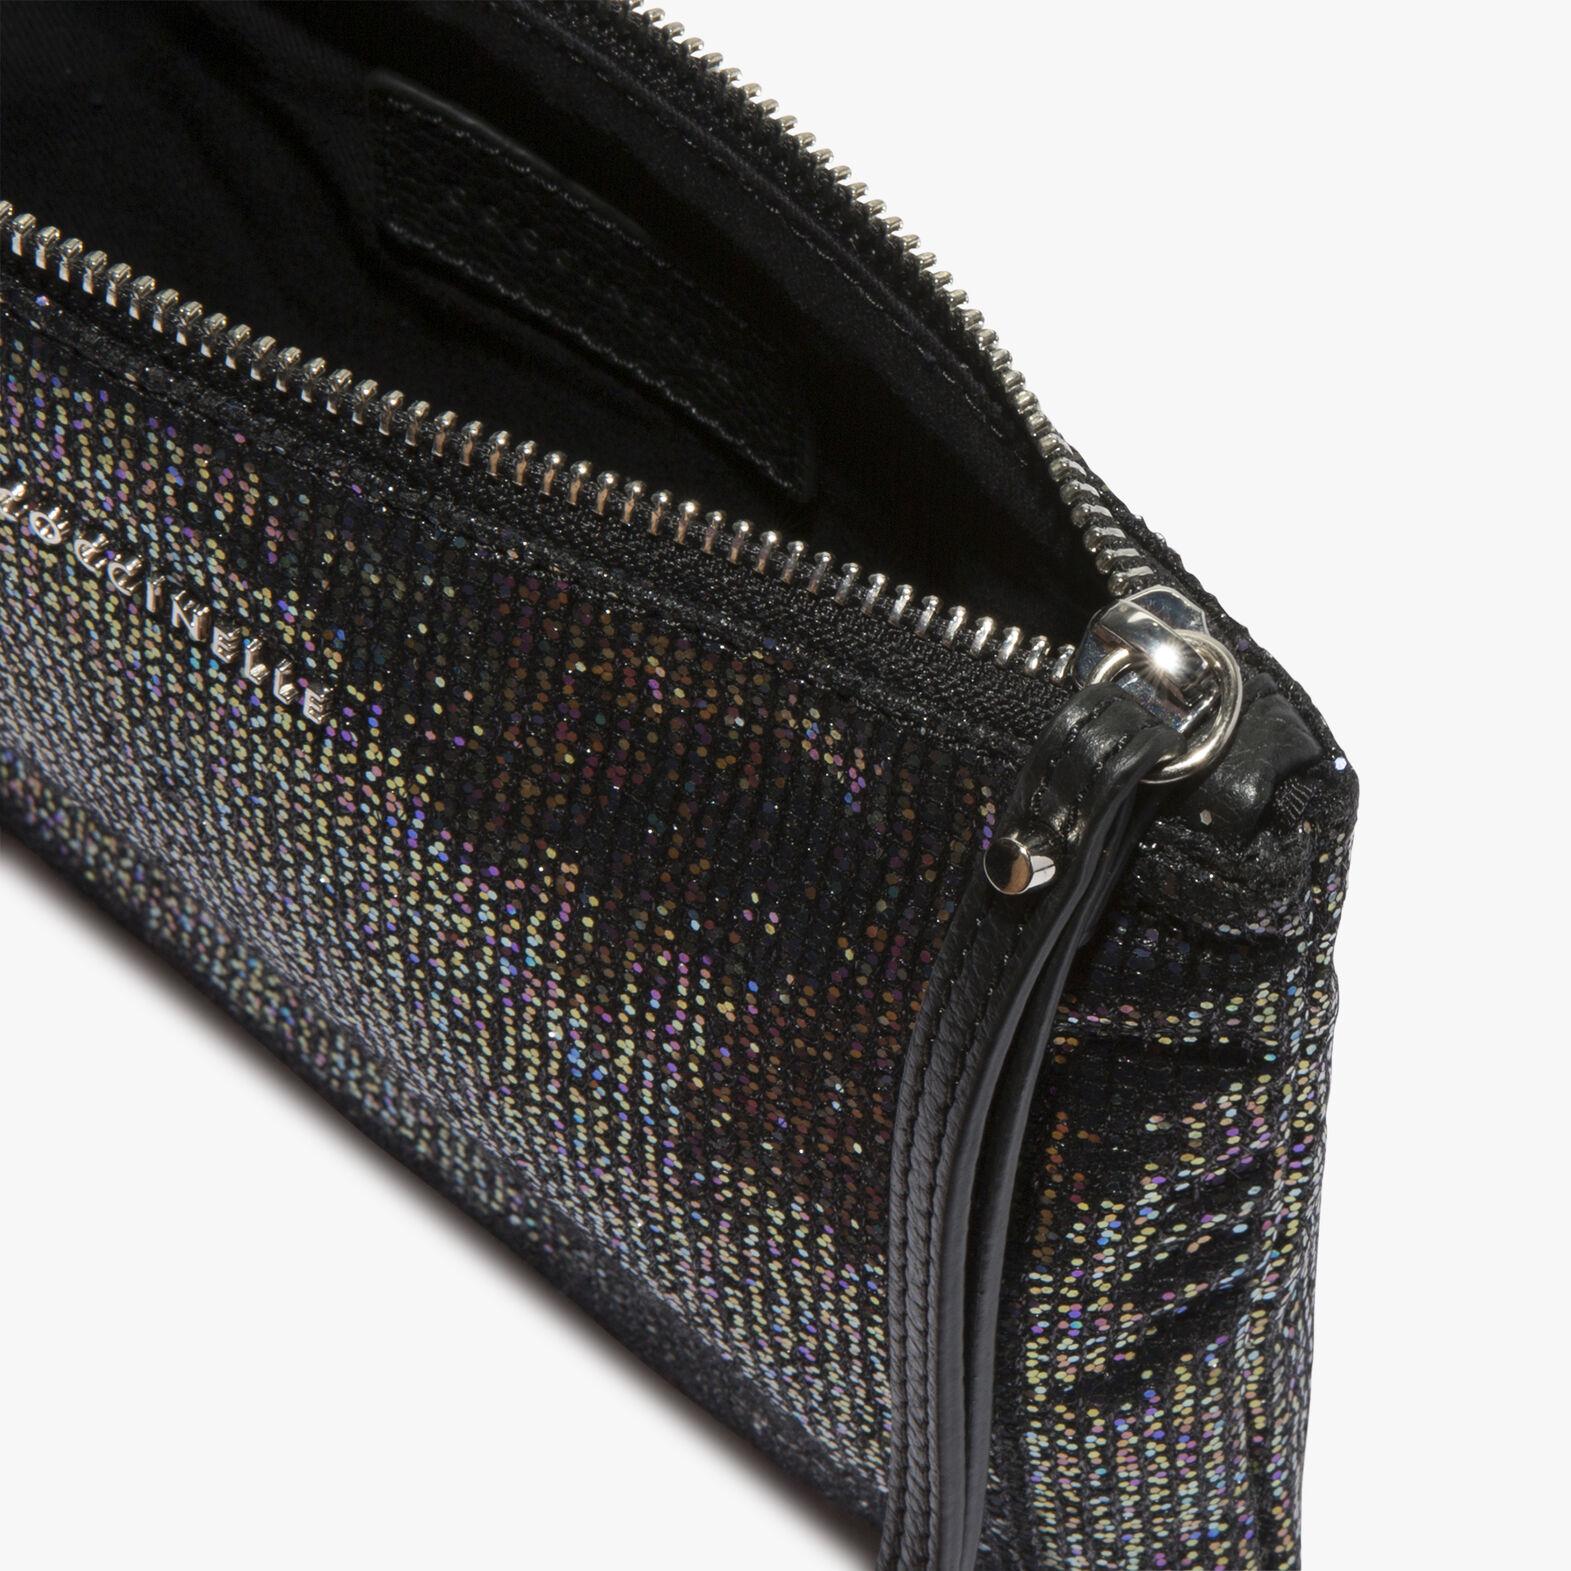 Glittery fabric clutch